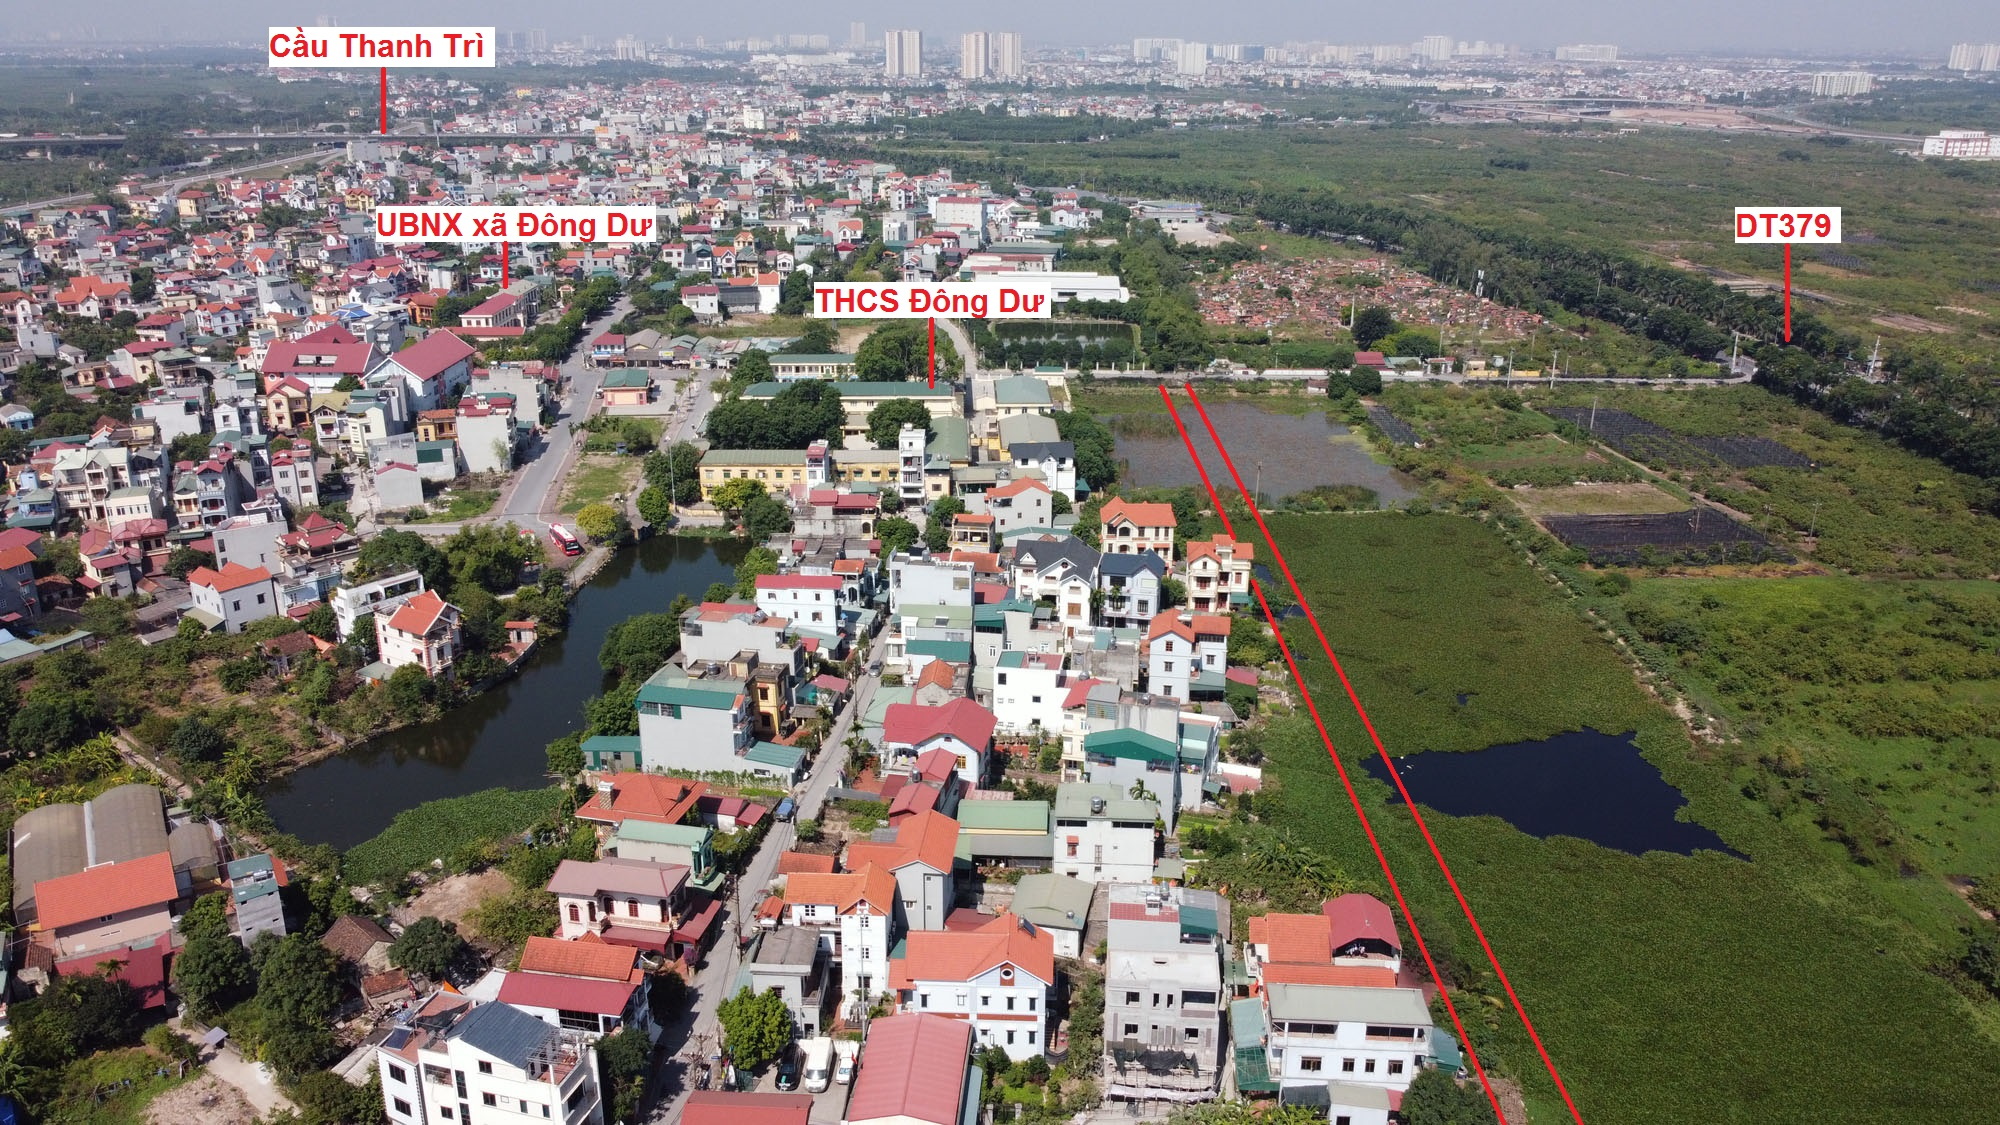 đường sẽ mở theo qui hoạch ở xã Đông Dư, Gia Lâm, Hà Nội - Ảnh 6.